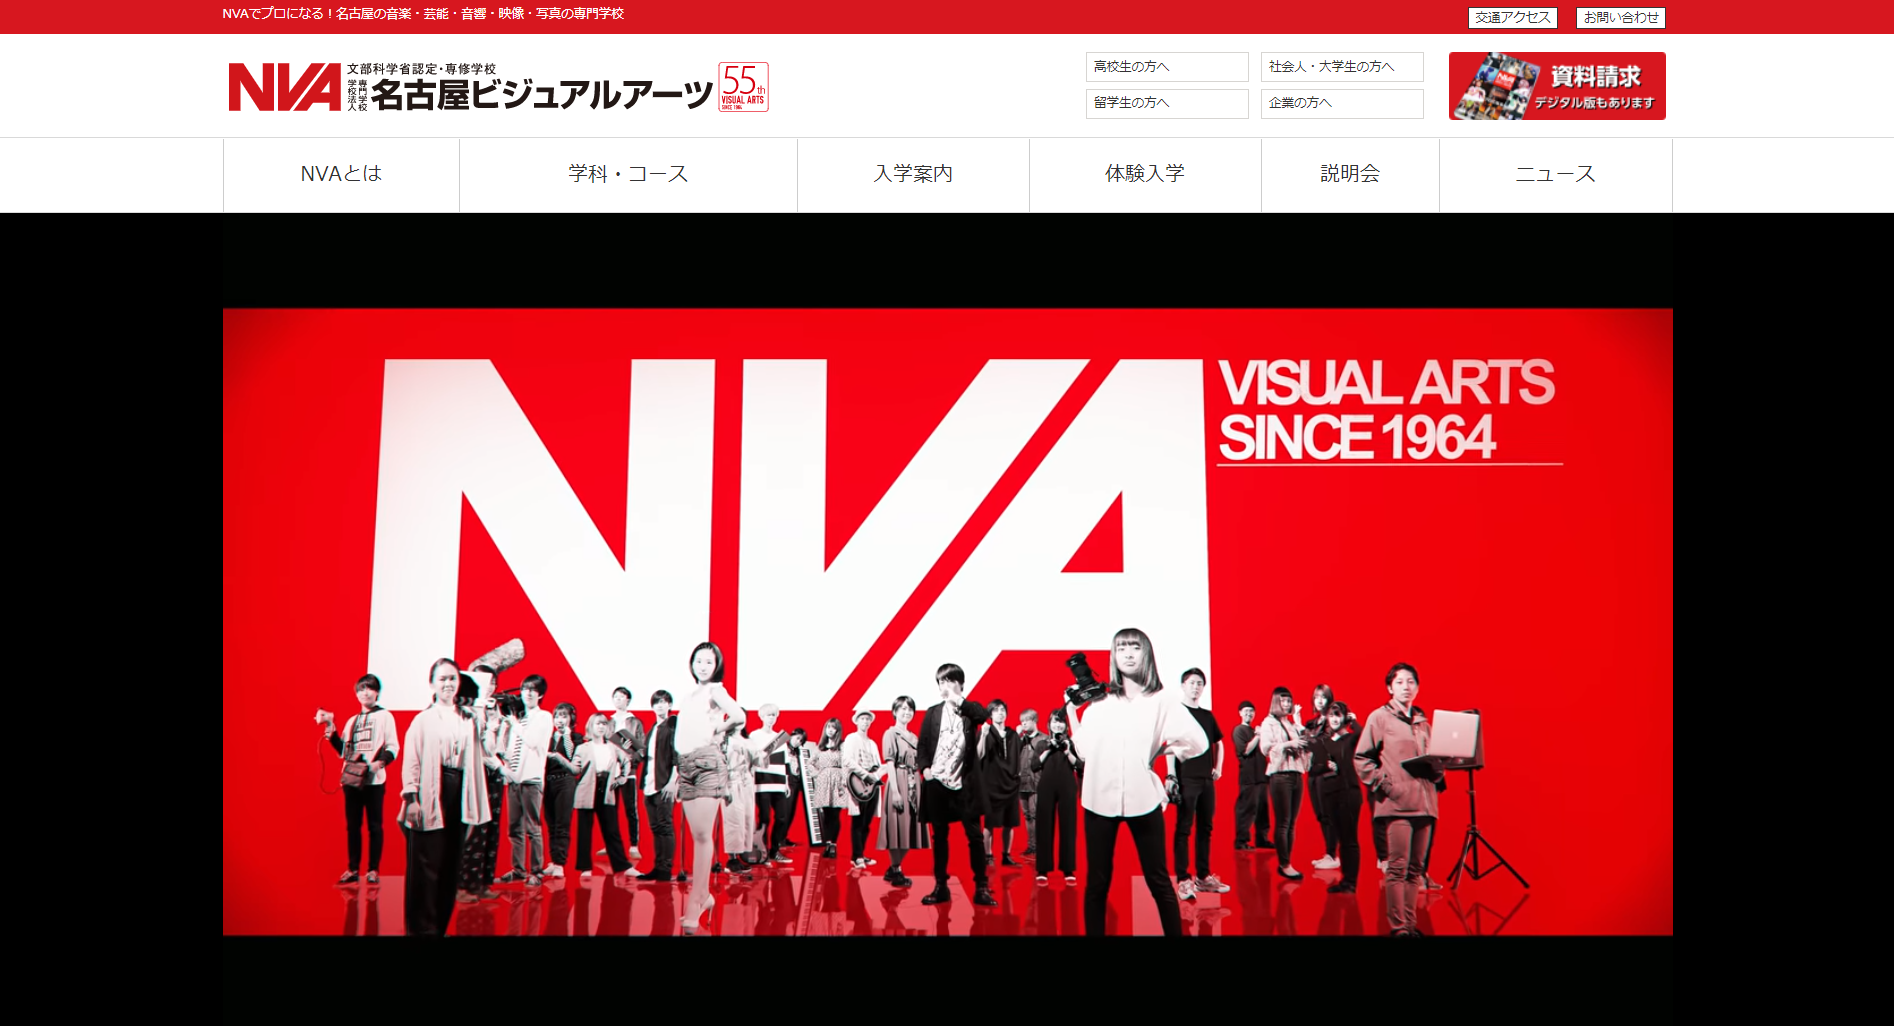 名古屋ビジュアルアーツ公式サイト